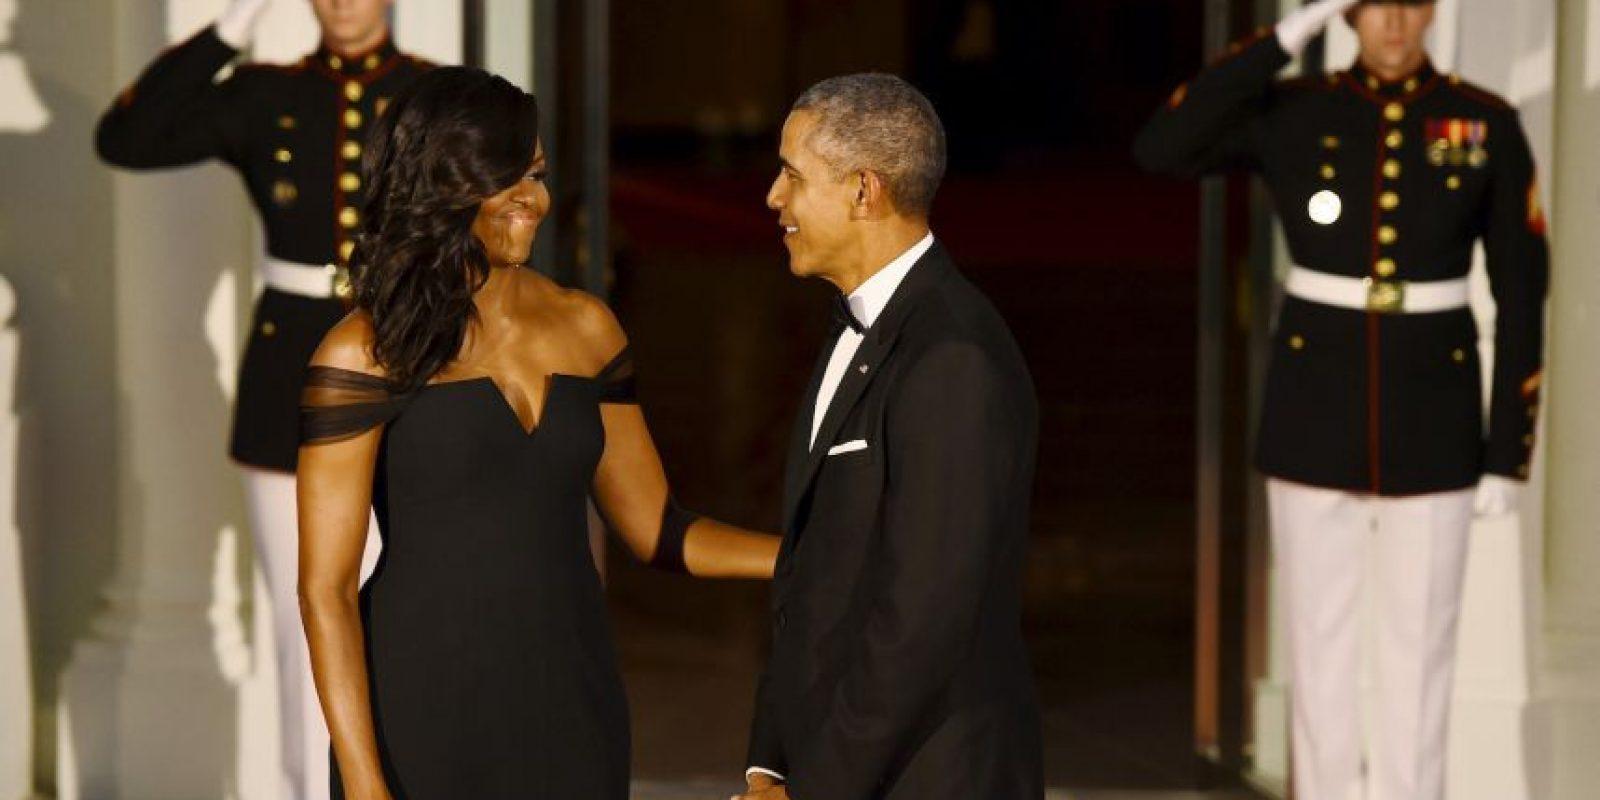 El presidente estadounidense reconoció lo bella que lucía su mujer. Foto:AFP